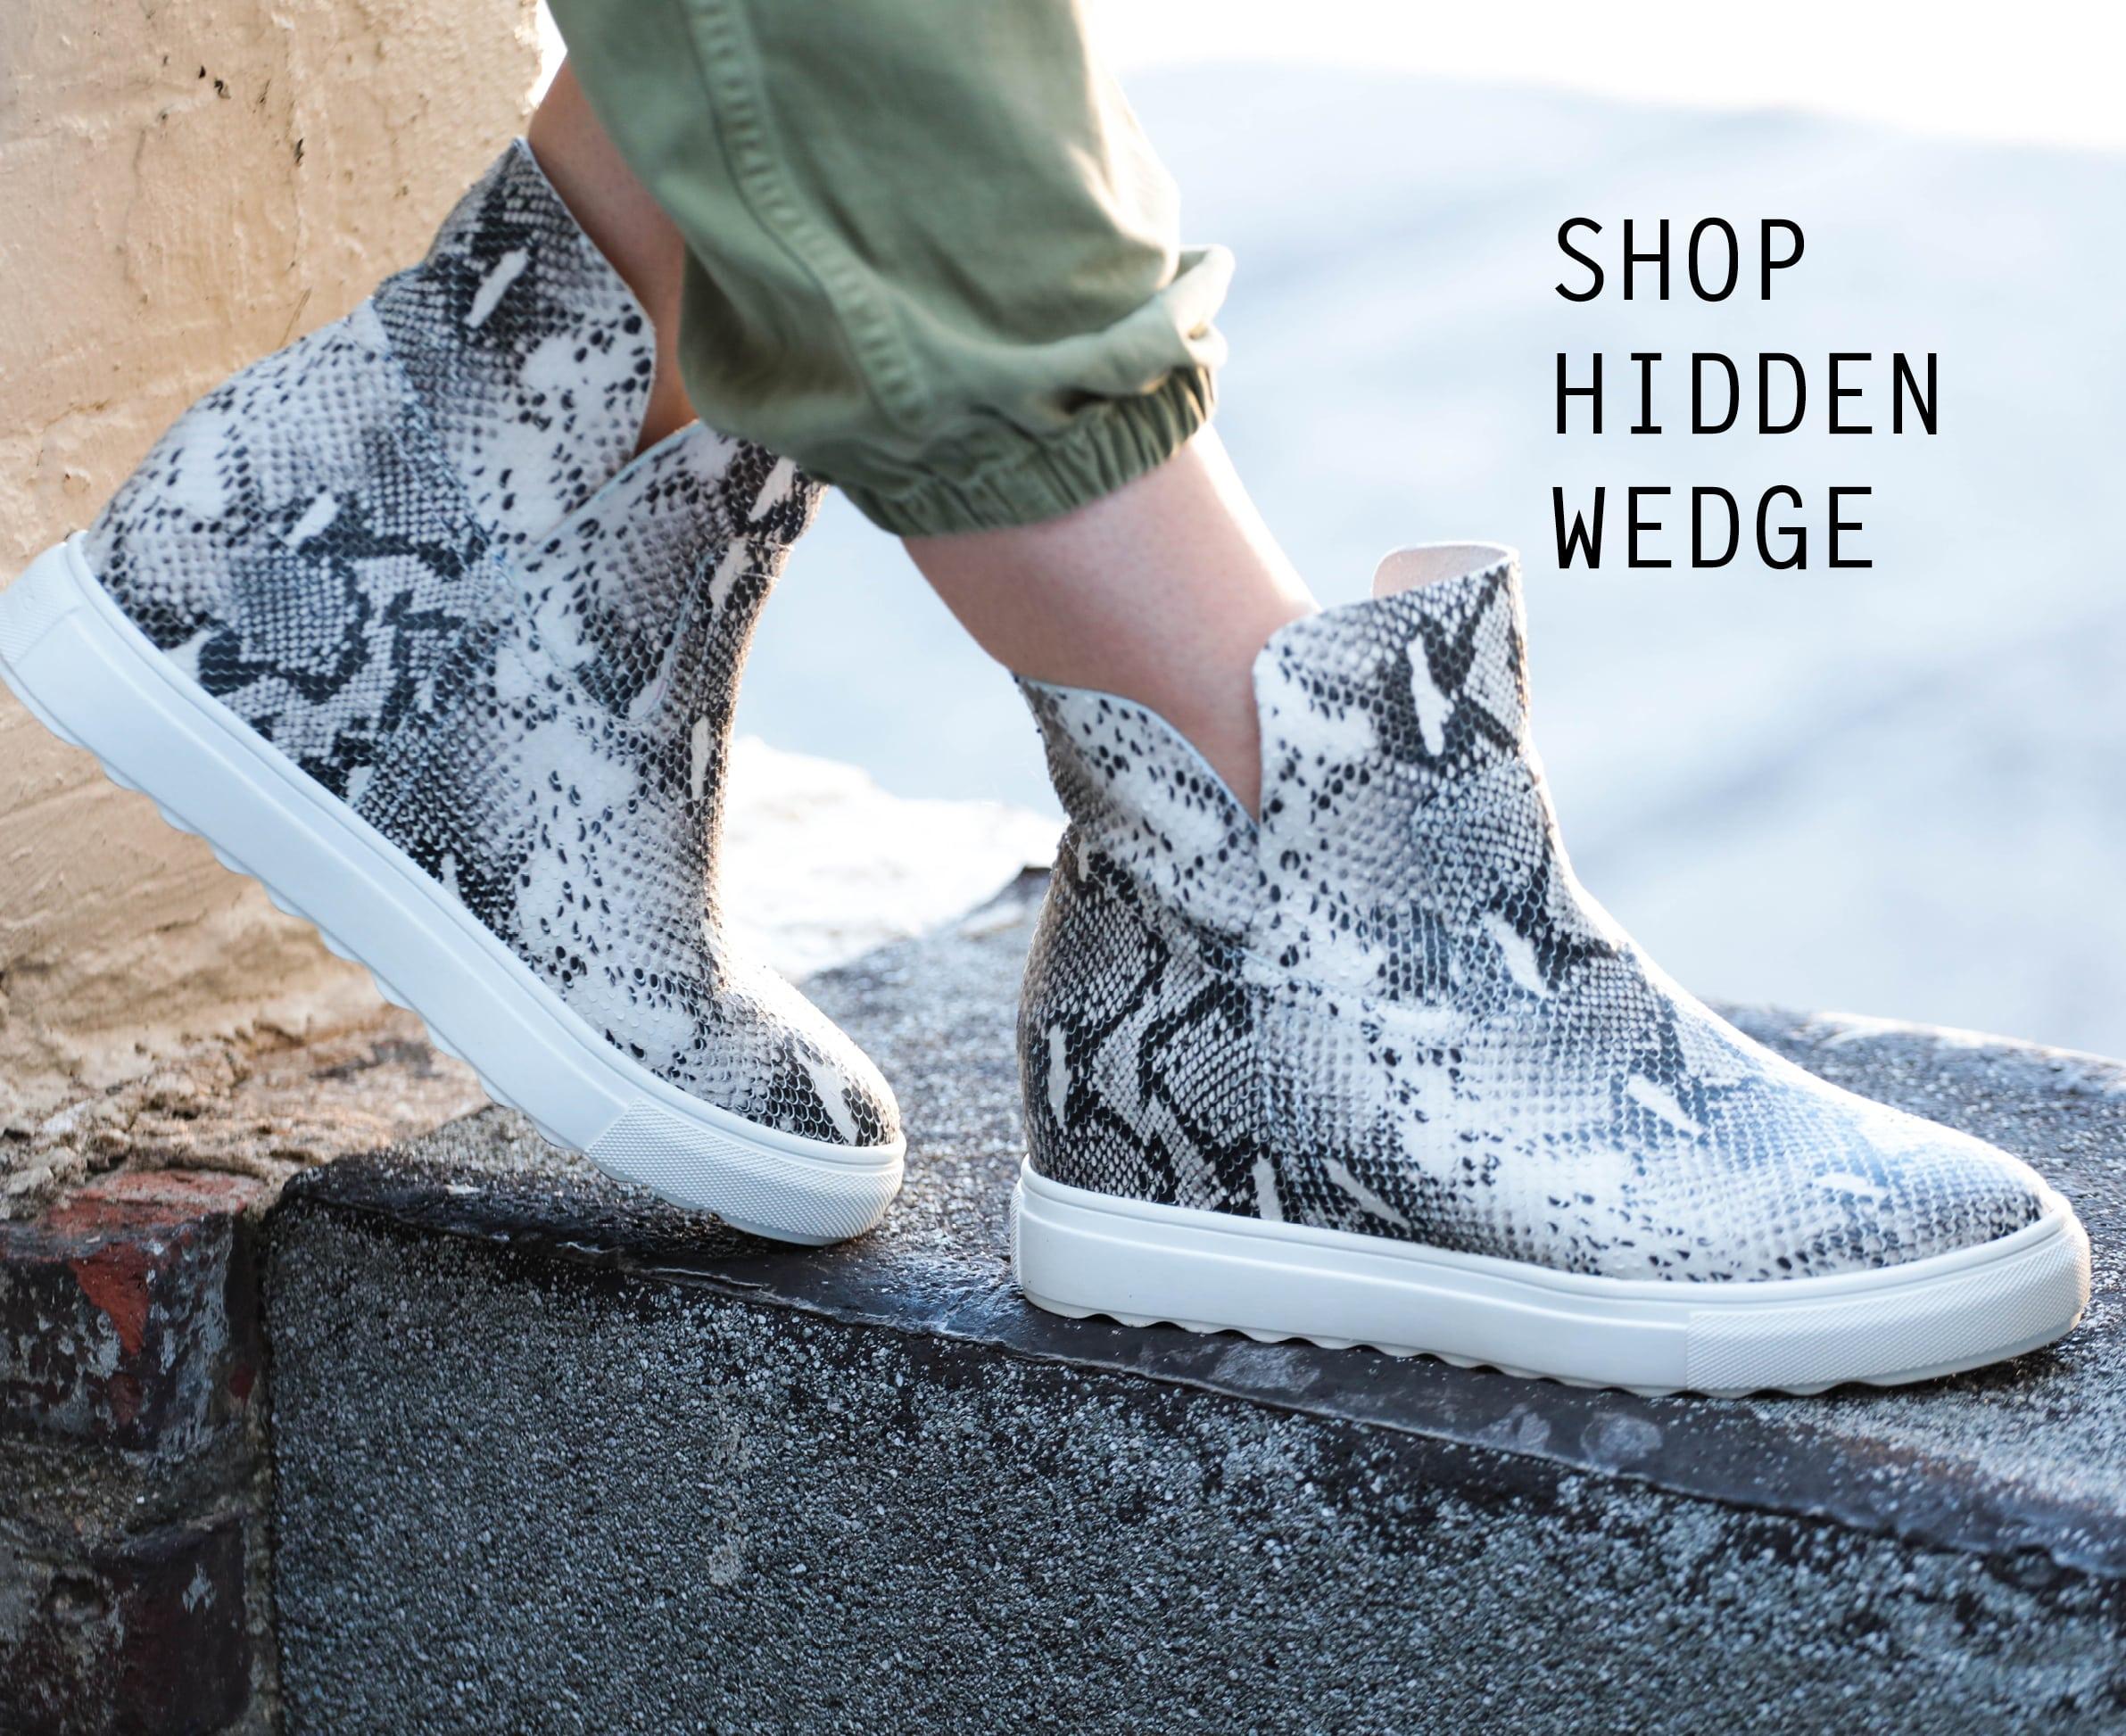 The Hidden Wedge